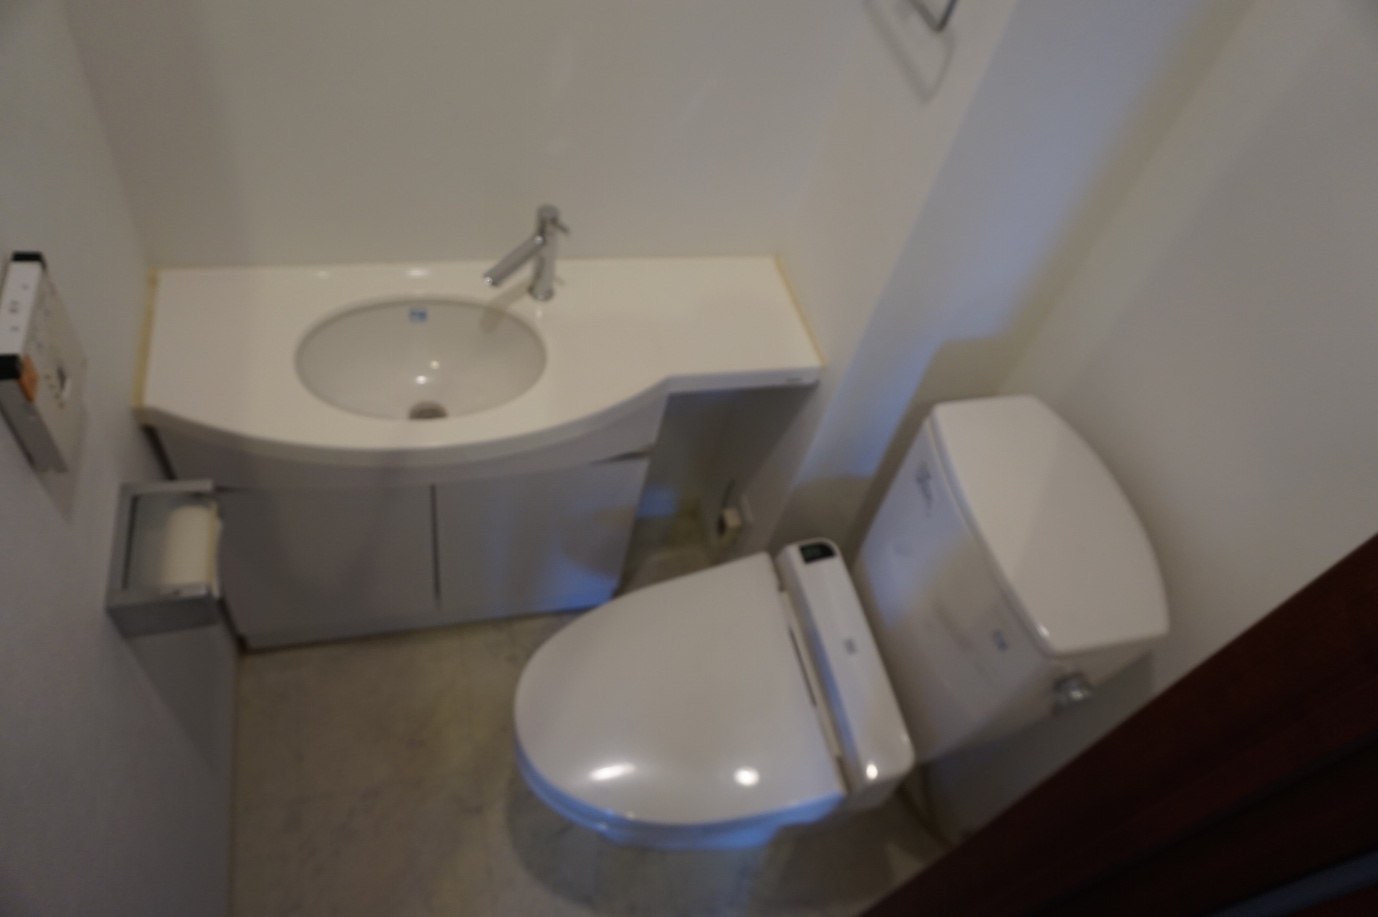 手洗い付のトイレなのでリノベーションをしても配管は必要ありません。